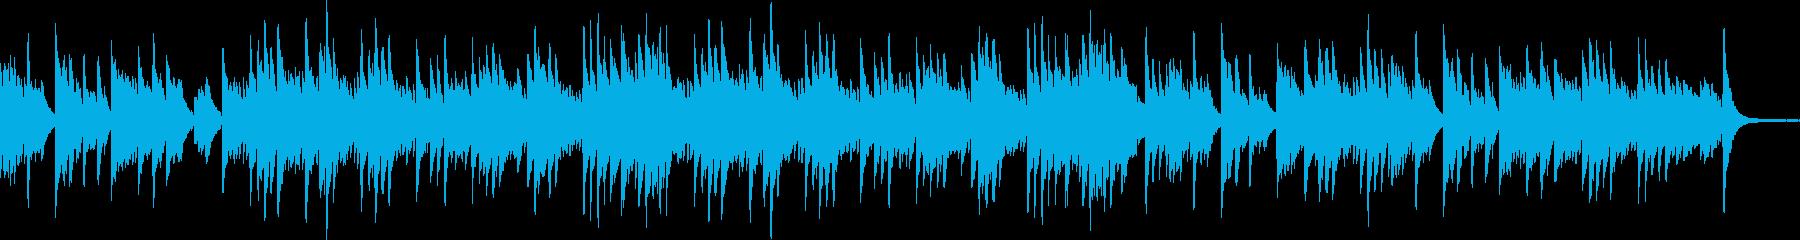 ソロピアノ、爽やか、風をイメージの再生済みの波形